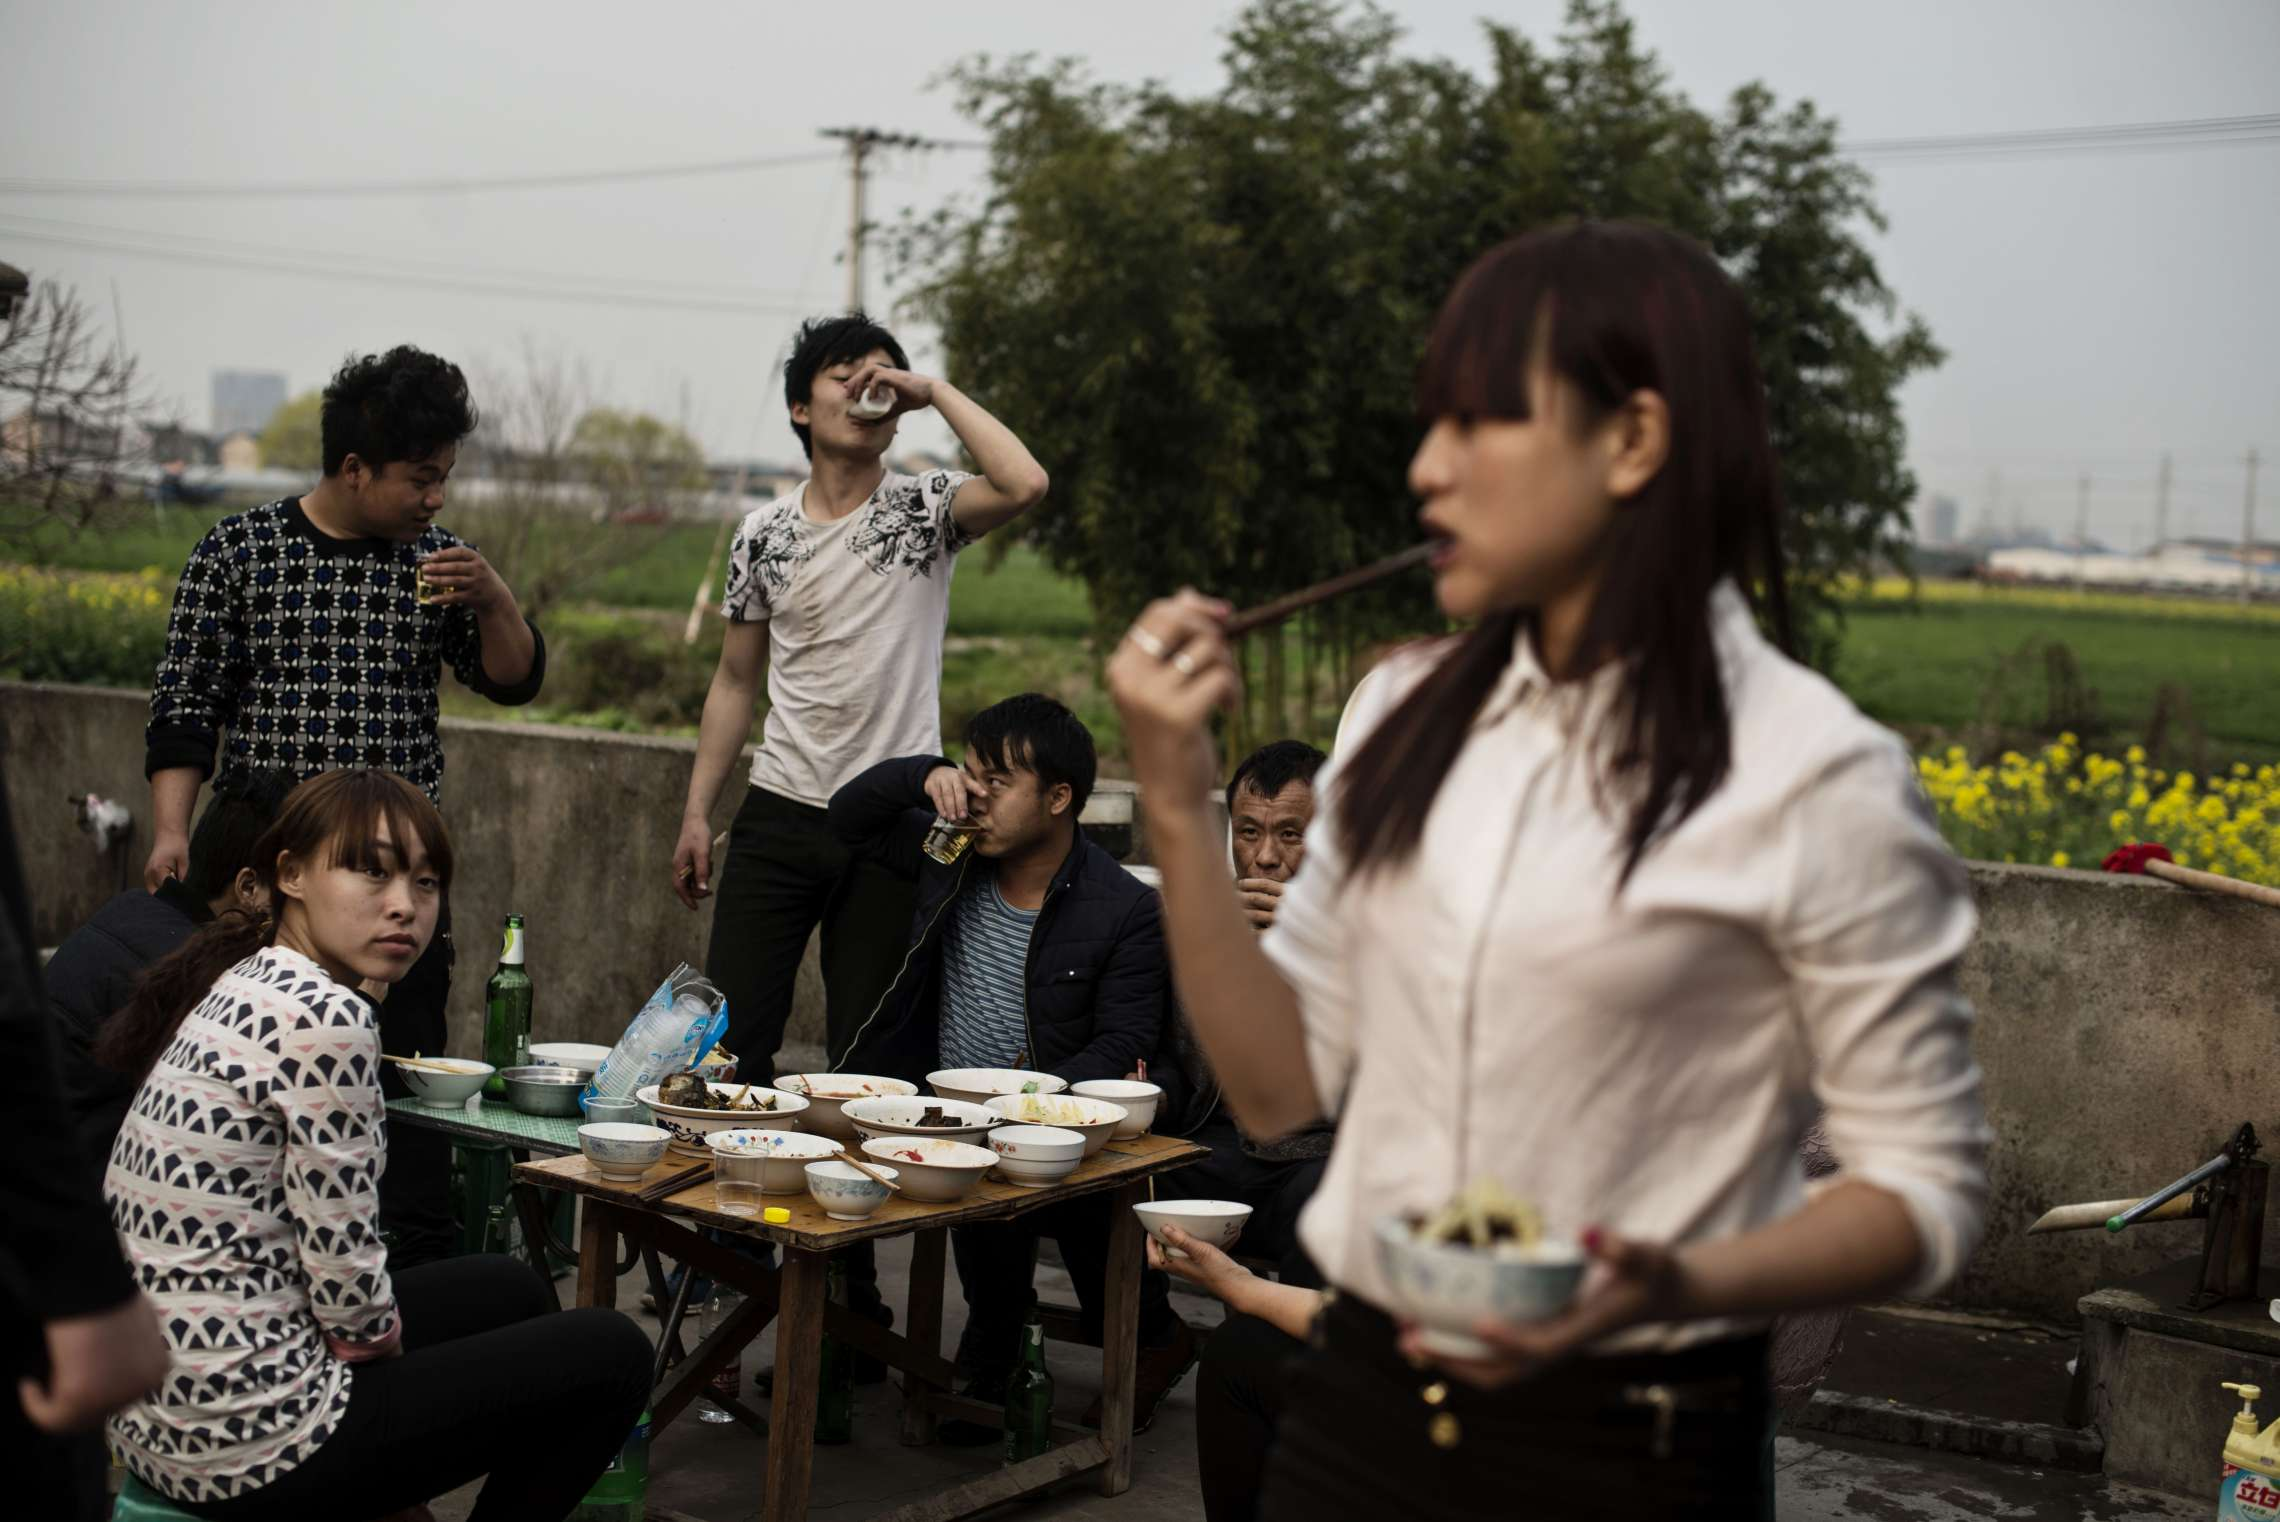 PK-nr: 10968Kategori: 8, dokumentar utland Dato: 20.03.2015Tittel: Hun reiser i morgenHovedtekst: Siden 1978 har Kina opplevd den største folkevandringen i verdenshistorien. Nærmere 160 millioner kinesere har reist fra lutfattige landsbyer for å finne arbeid i byene. I fjellandsbyen Hangsha i Hunan provinsen, står Rong Shi Yu (14) på klippen sammen med barndomsvenninnene sine, hånd i hånd på høye hæler, mens de blåser rosa bobler. De synger om gutter de ennå ikke vet hvem er, som skal gjøre dem lykkelige, og kanskje velstående. De synger om å høre til her i Lu Dong-fjellene, men i morgen pakker de trillekoffertene, reiser fra alt de kjenner, mot kysten og storbyene. Der venter Kinas mest effektive fabrikker med ti kroner i timen, ti timer hver dag. Men der venter også mulighetene for økonomisk uavhengighet. Bildetekst: Arbeidsmigranter følger ofte i hverandres fotspor og drar dit de kjenner flest fra samme landsby. I Cixi bor det flere familier fra Hangsha, og den første dagen der de alle ankommer etter det kinesiske nyttår, samles de.